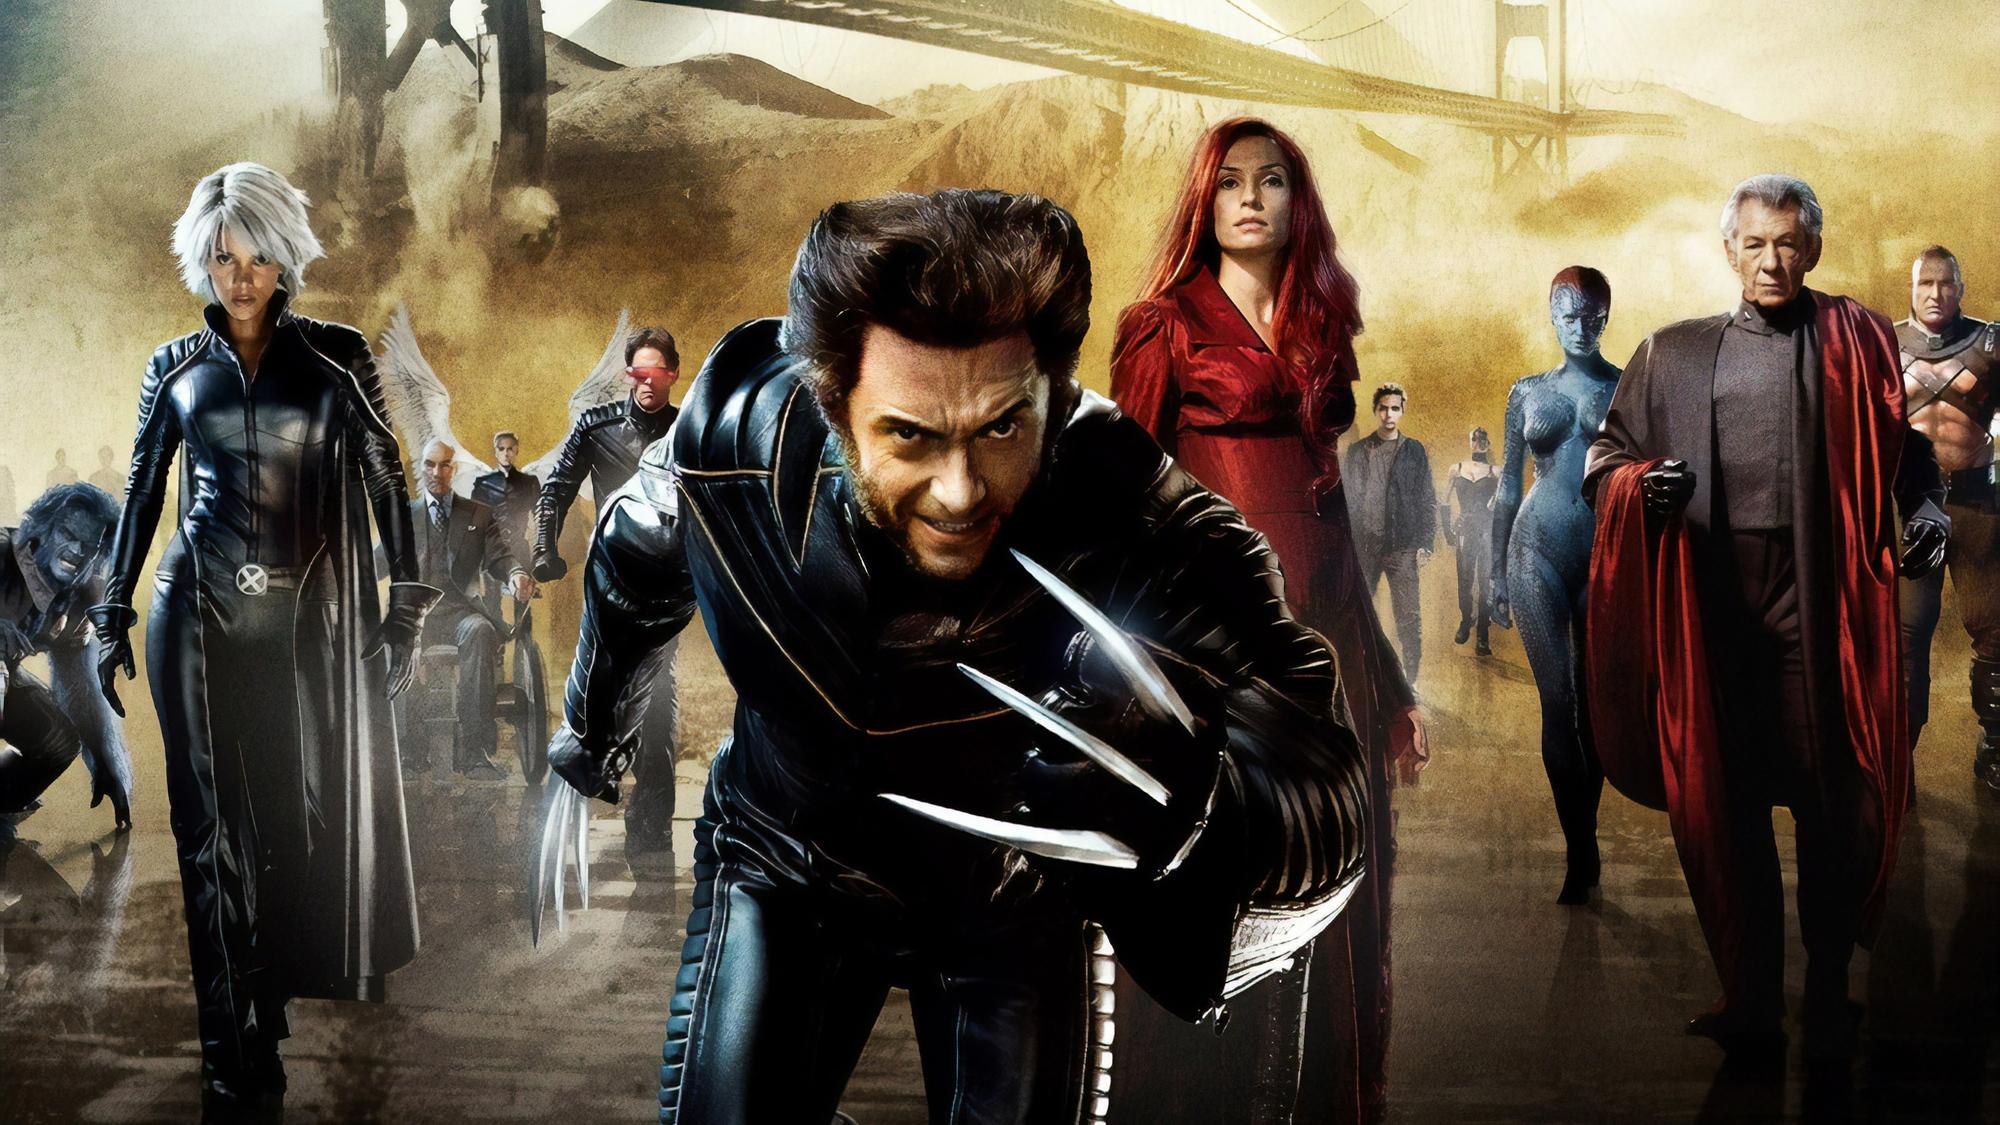 X-Men: Série slaví 20 let, řadíme filmy od nejhoršího po nejlepší | Fandíme filmu